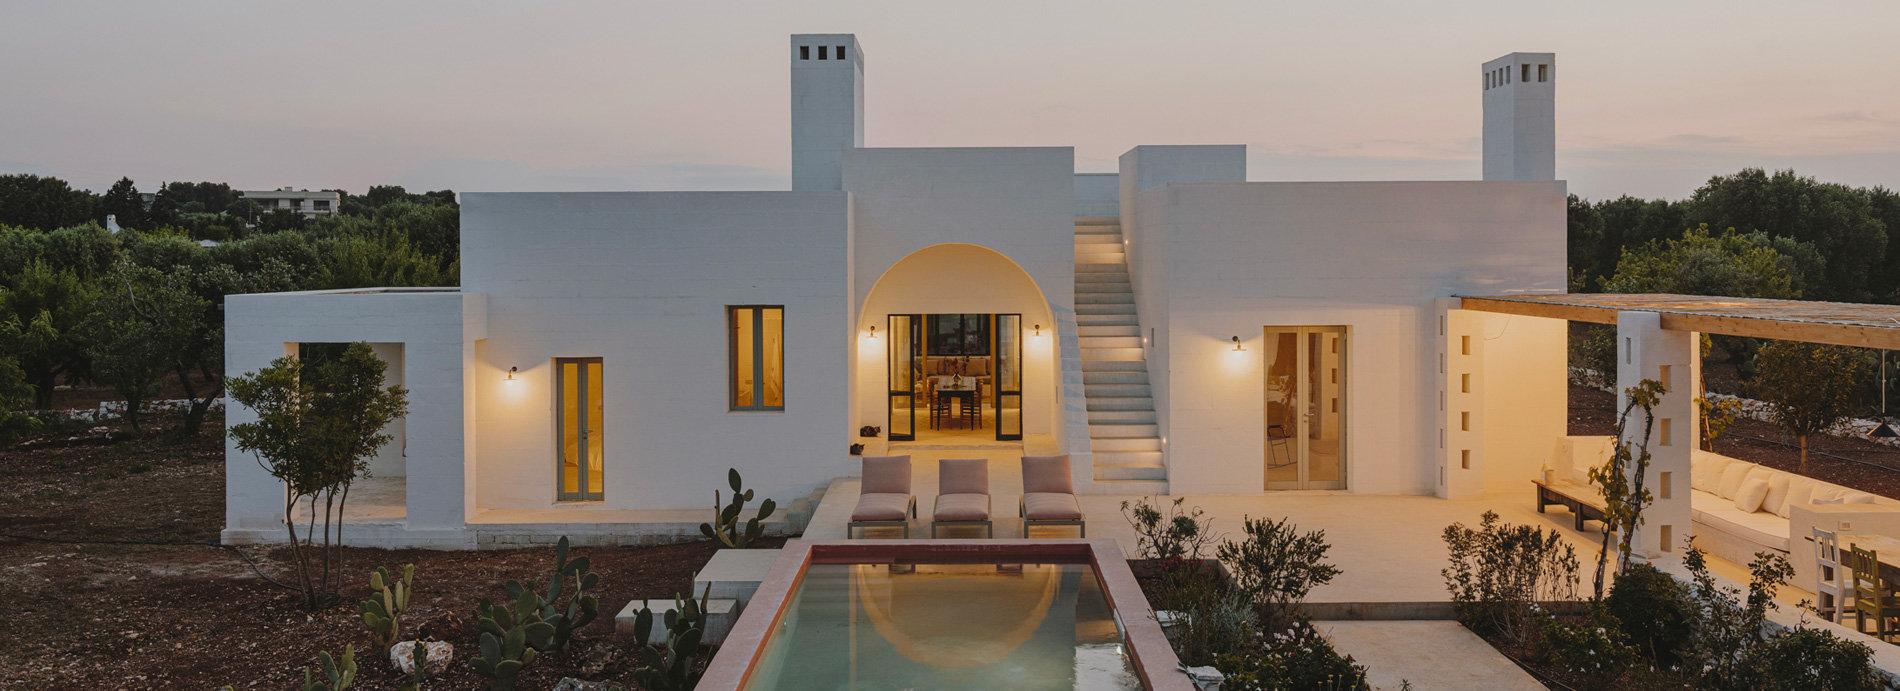 时装设计师打造的意大利别墅民宿 景观、室内、建筑多方位的和谐塑造